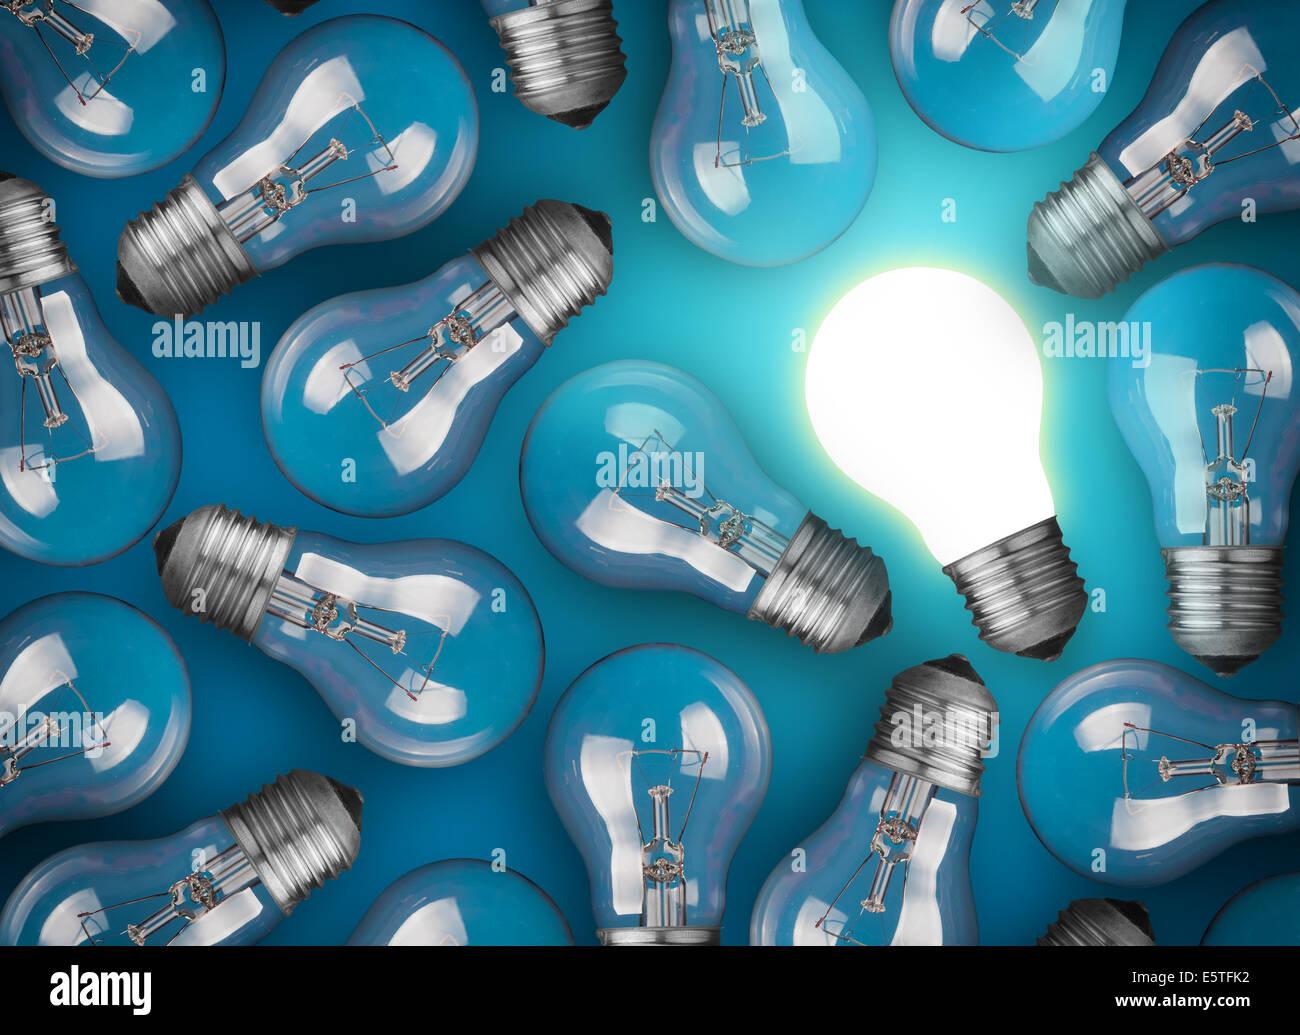 Idea concepto con bombillas sobre fondo azul. Imagen De Stock